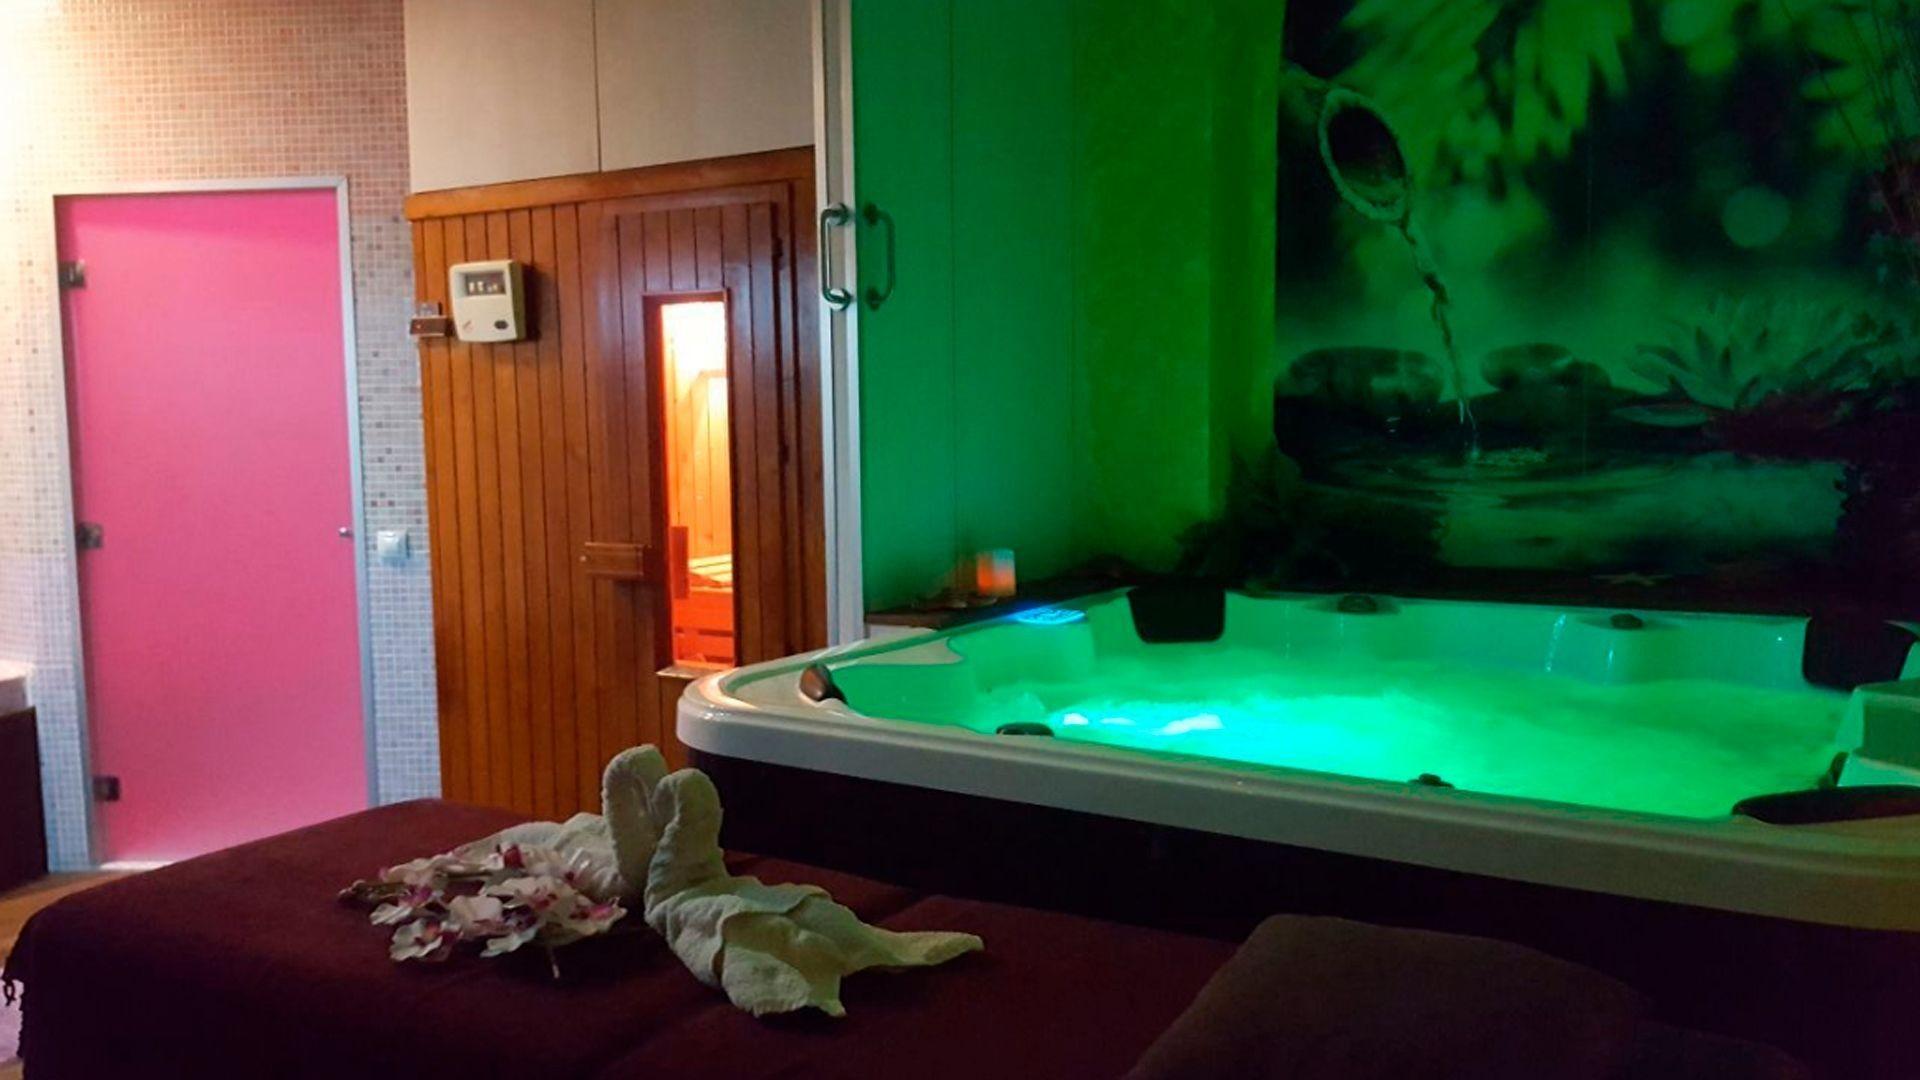 Centro de belleza con sauna y jacuzzi